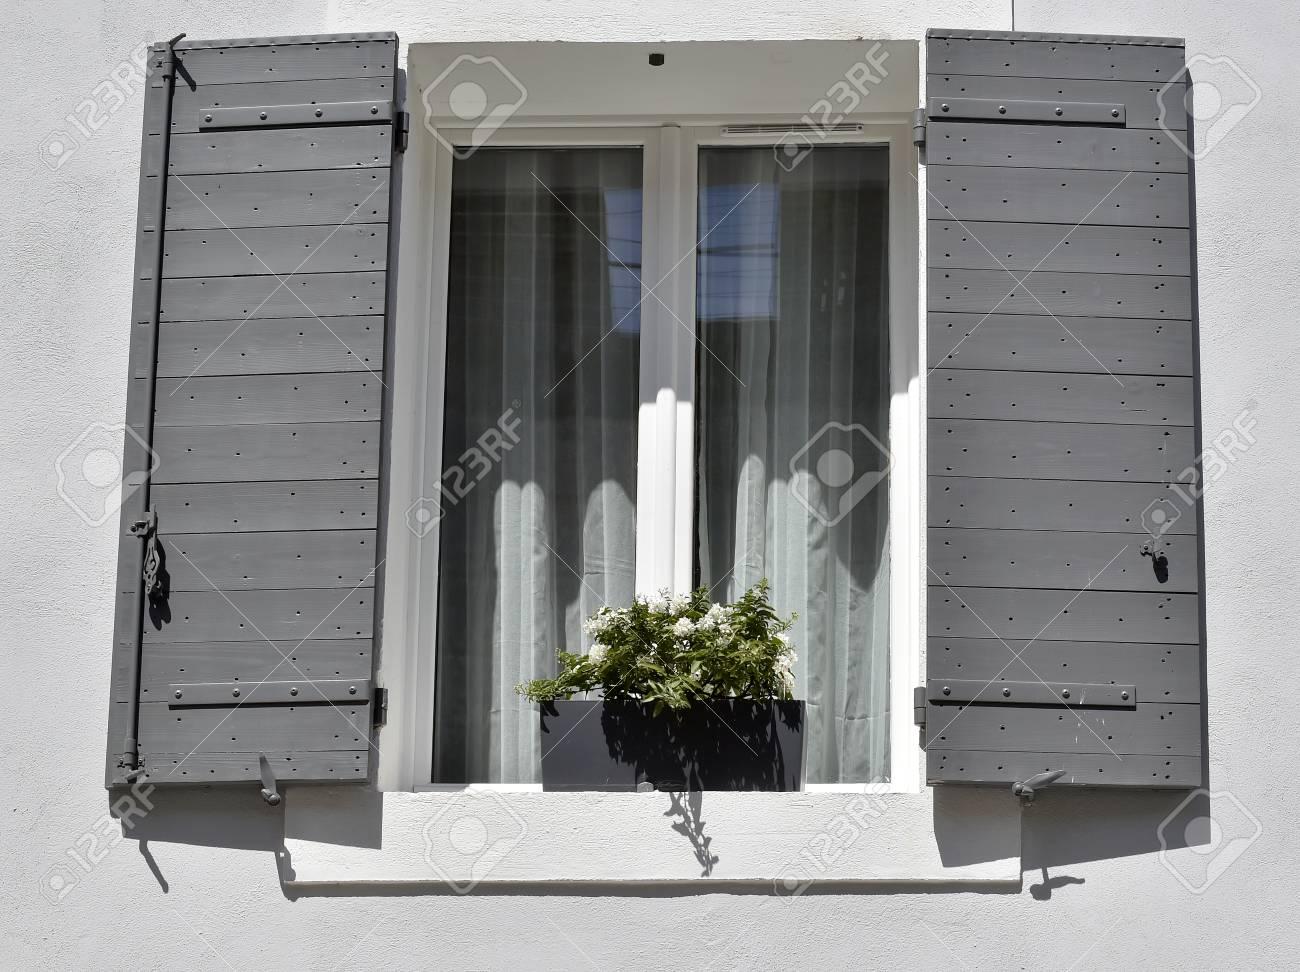 Maison Grise Avec Des Fenêtres Blanches Et Des Fleurs Blanches En Pot